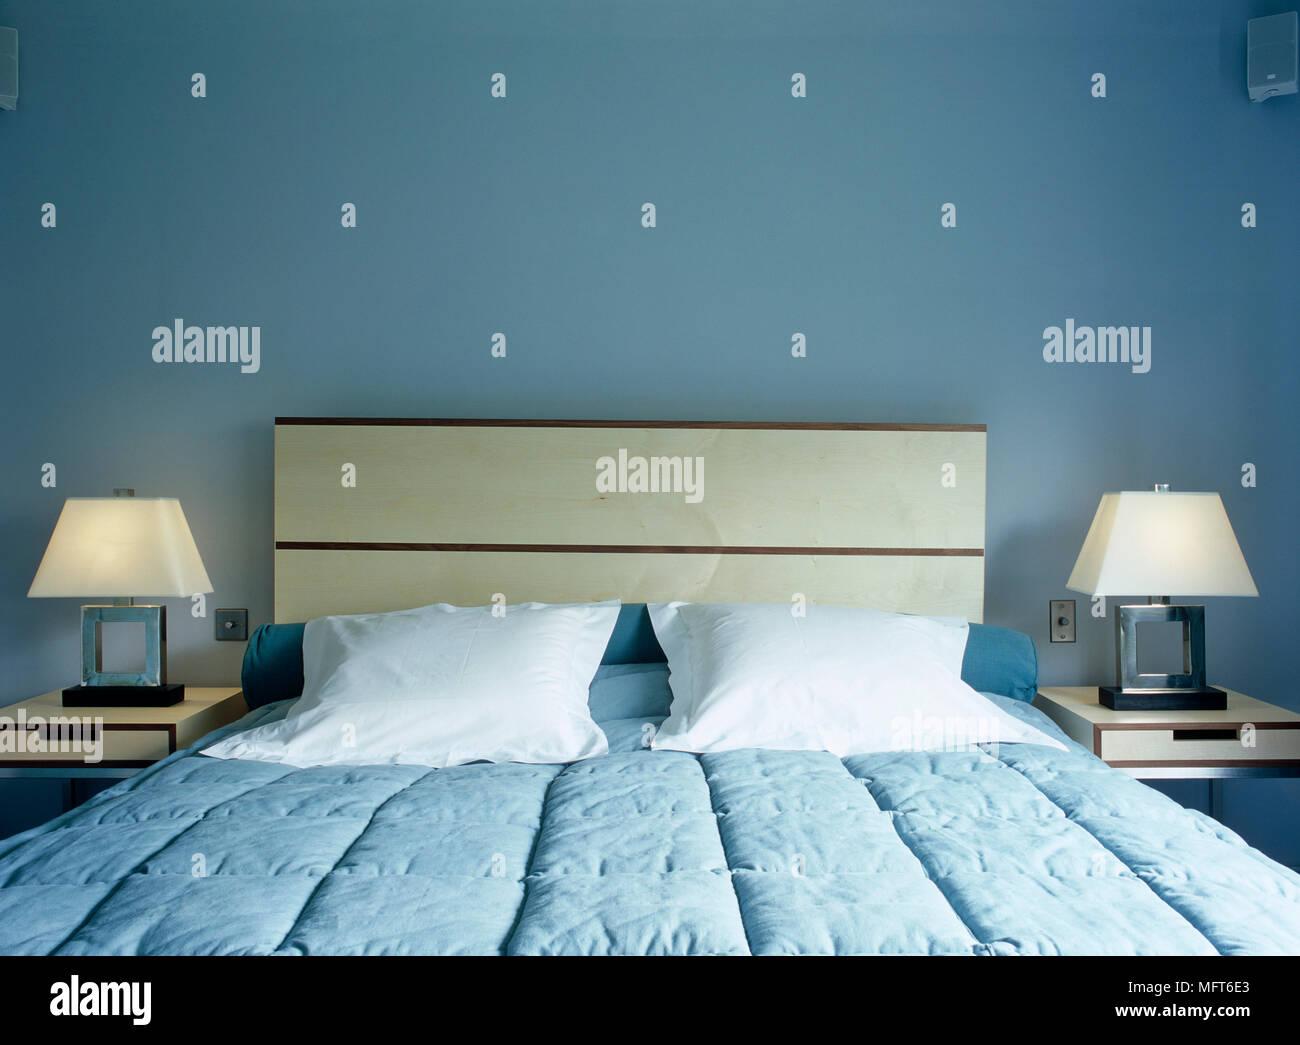 Chambre Bleu et blanc avec de grands oreillers, couvre-lit matelassé ...